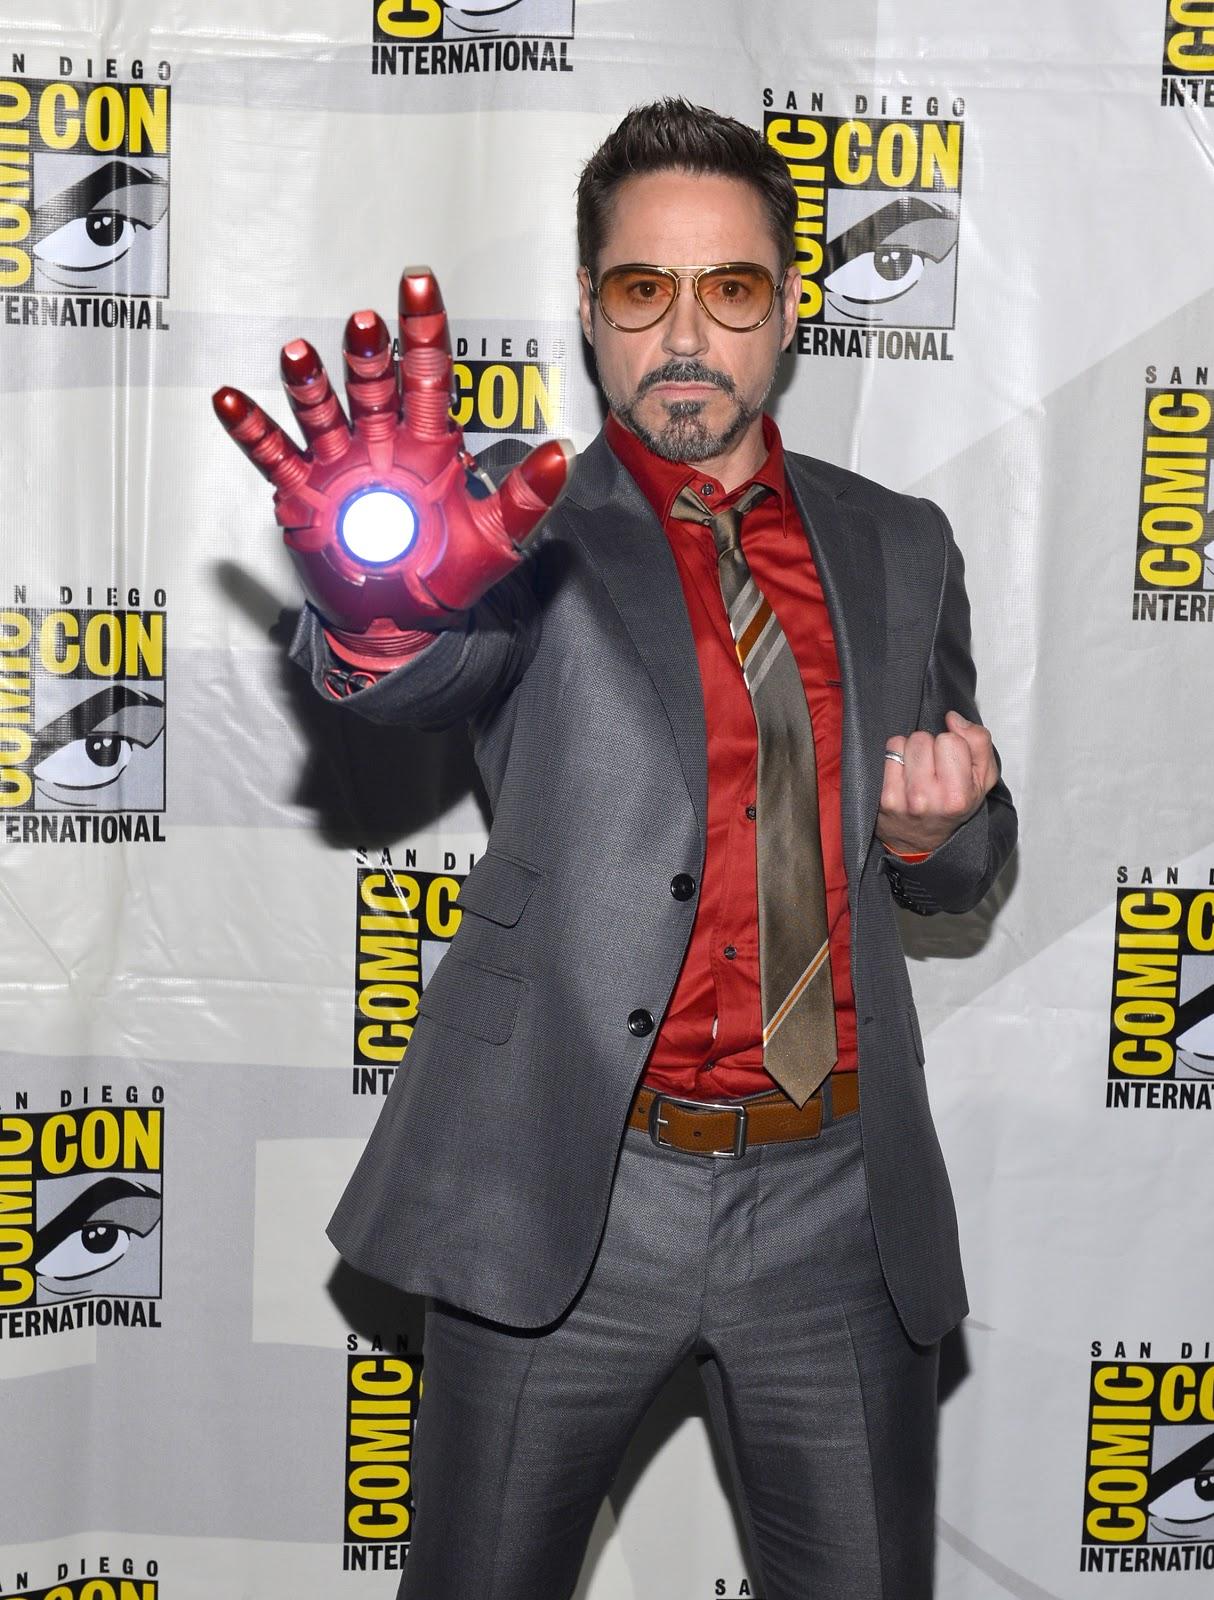 http://4.bp.blogspot.com/-UcCEDQcsdi8/UMa3n34IiWI/AAAAAAAAAHQ/qL-QPu7m2dA/s1600/148278859PB00039_Comic_Con_.jpg